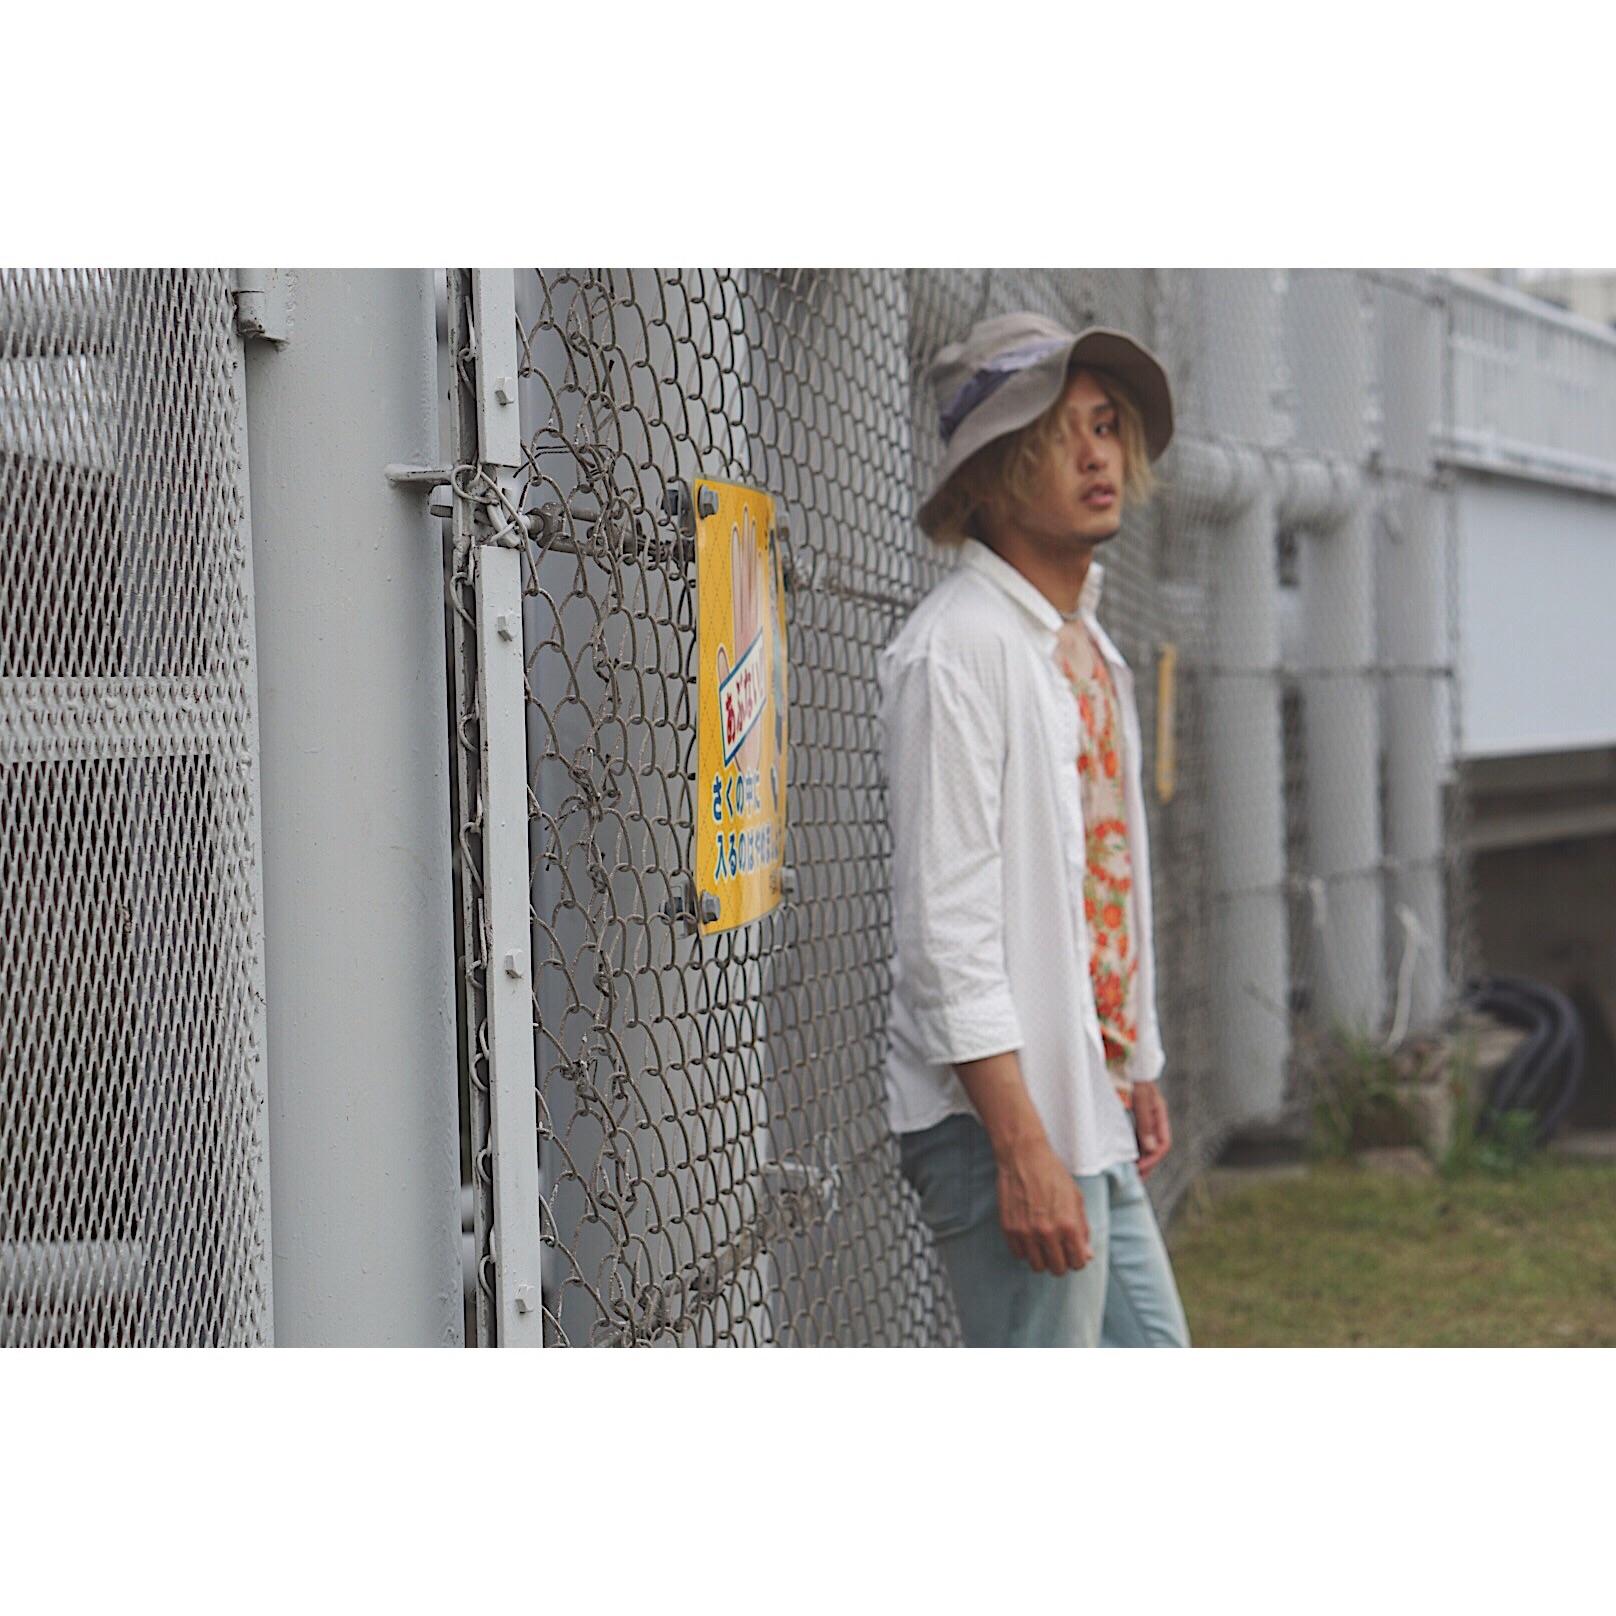 f:id:Yosuke0912:20180516183828j:image